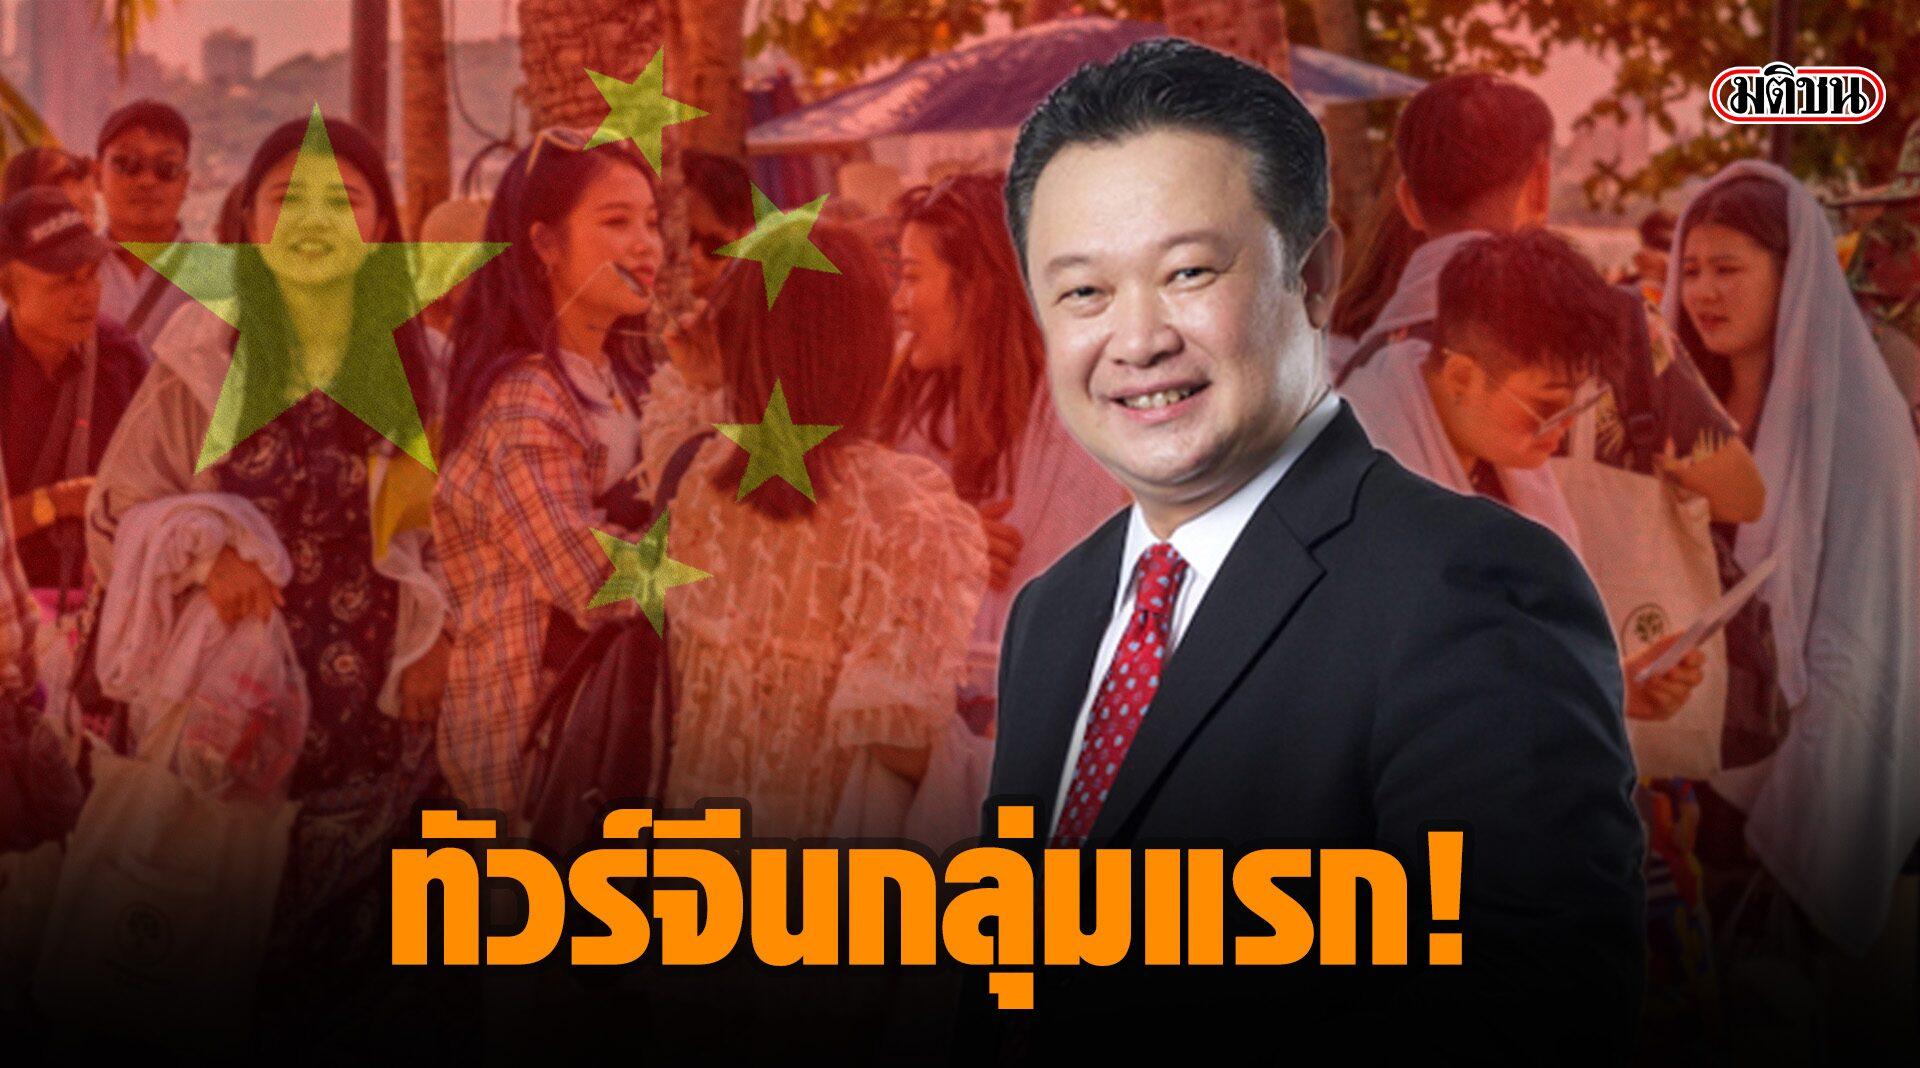 ทัวร์จีนกลุ่มแรกเข้าไทย 41 คน อีก 100 คนบินจากกว่างโจวถึงสุวรรณภูมิ 26 ต.ค.นี้